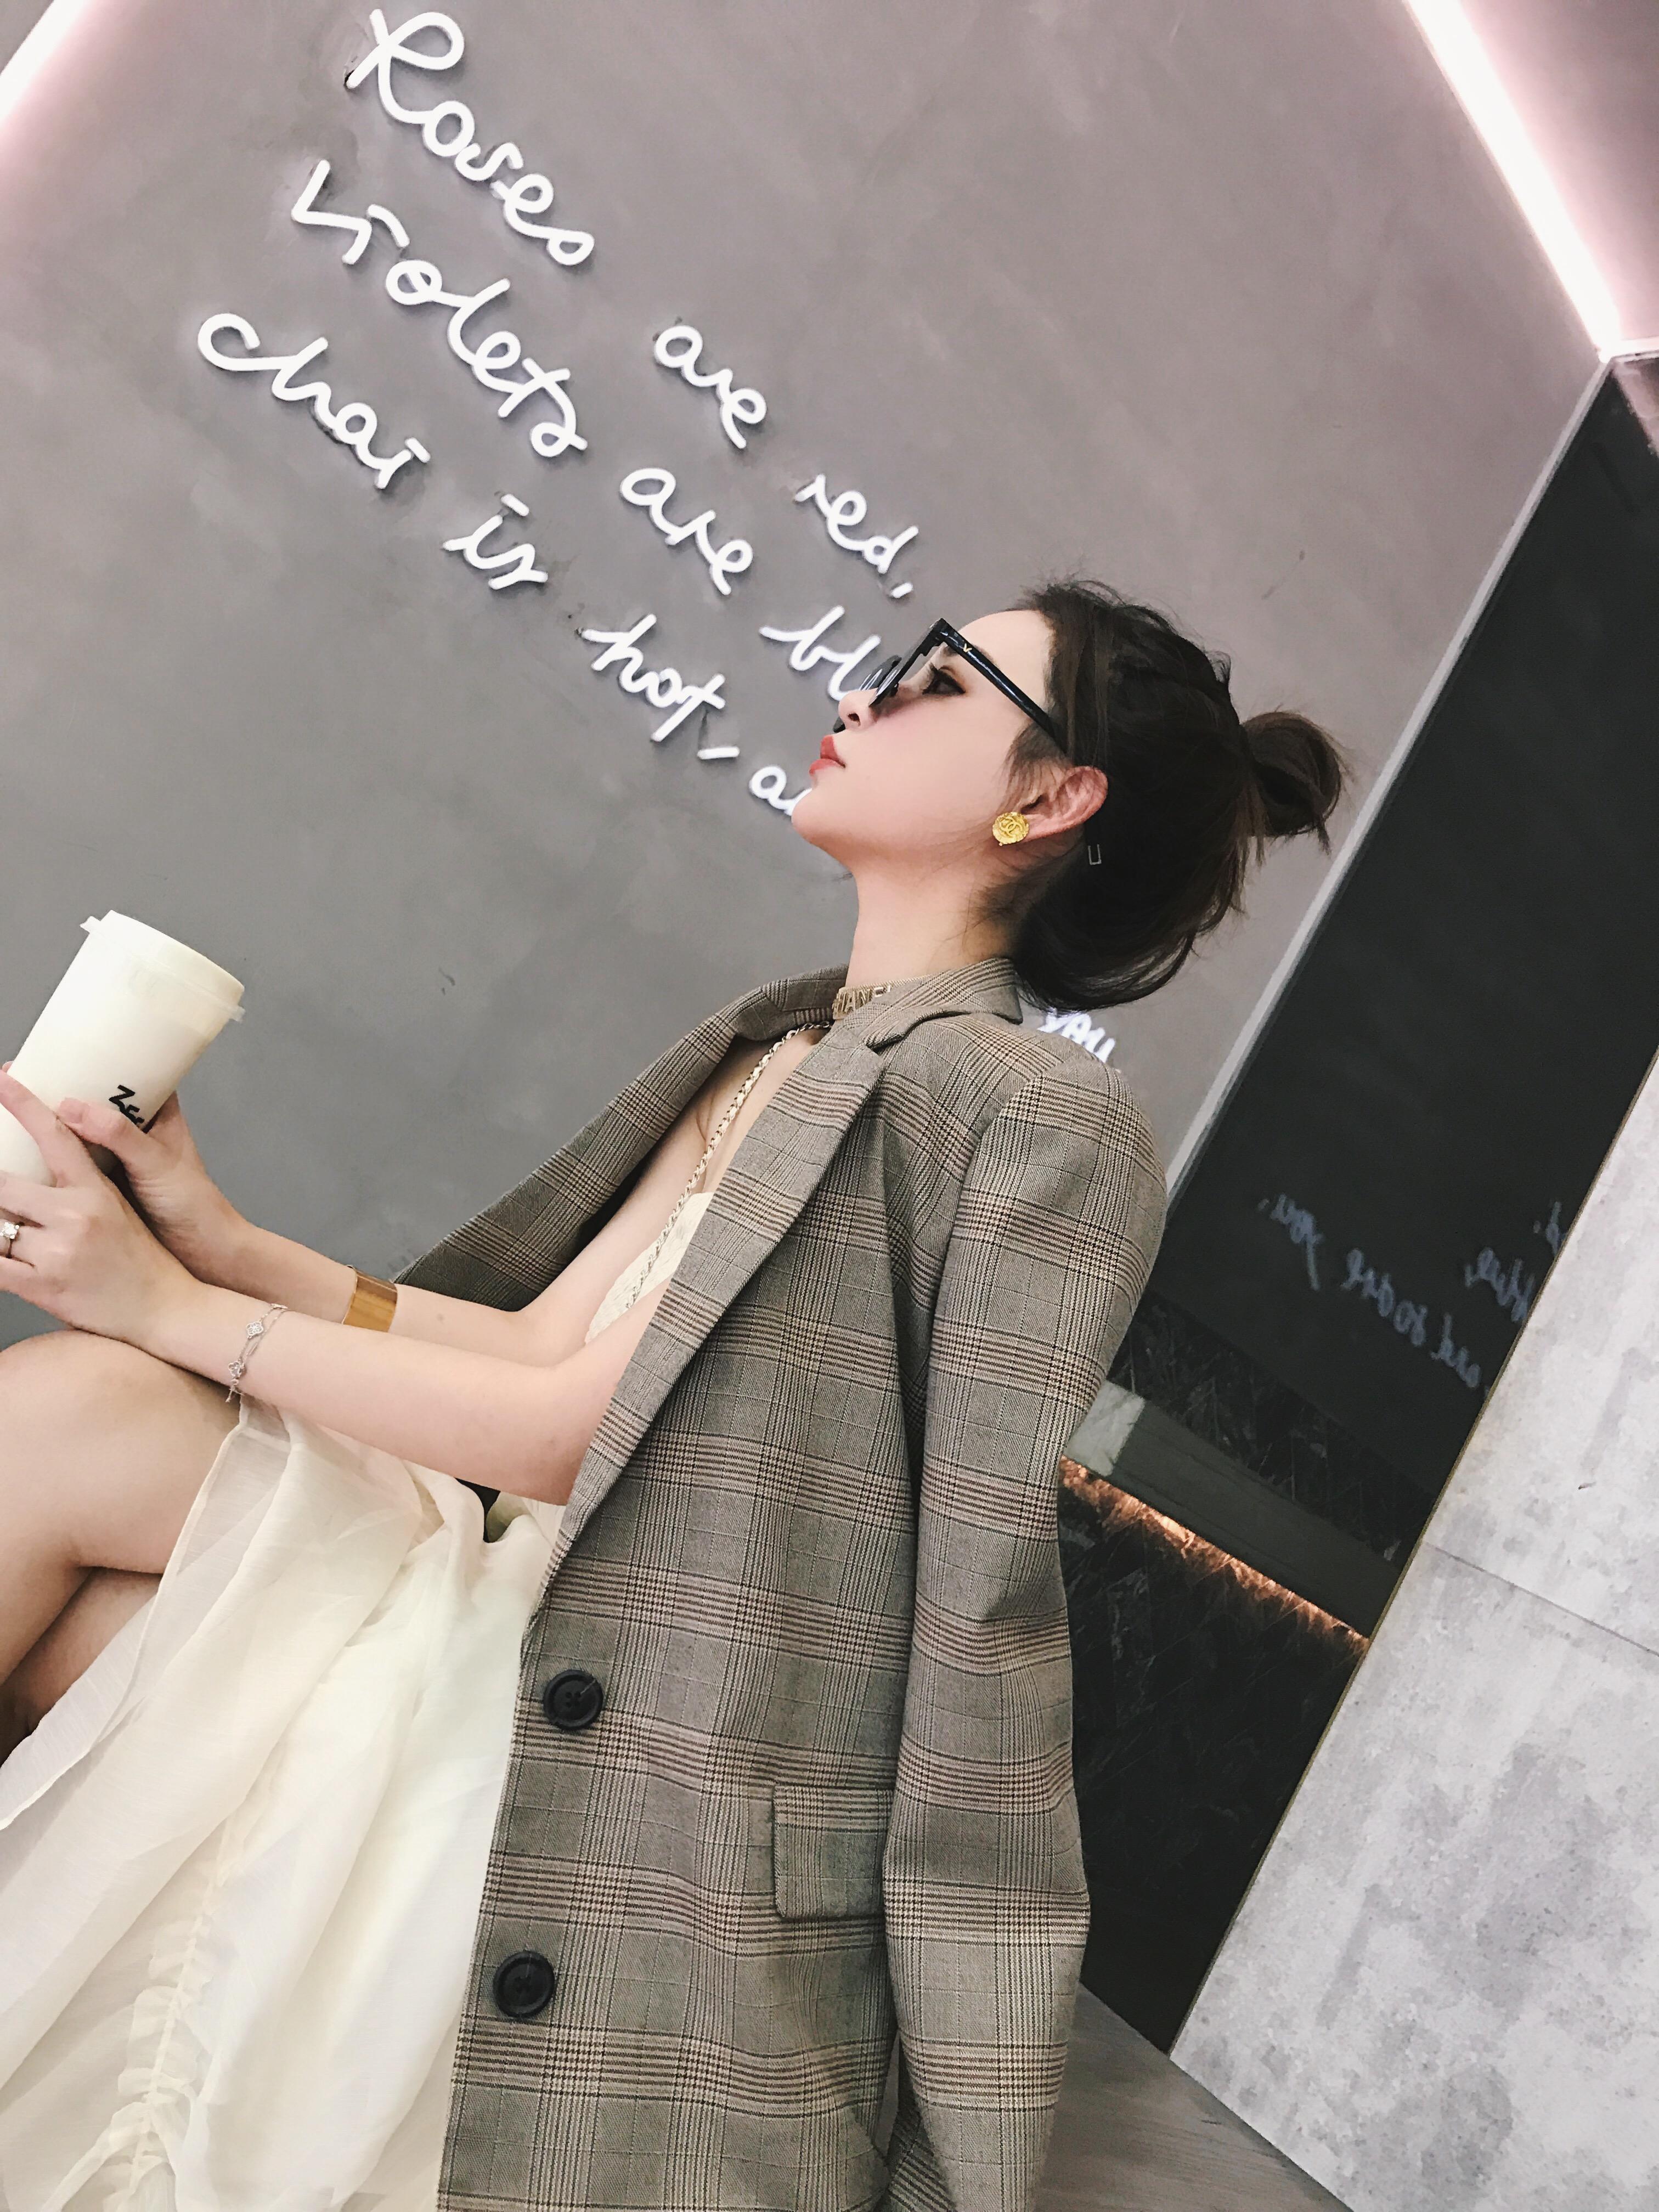 钱夫人 CHINSTUDIO韩版chic格子西装外套女宽松显瘦休闲小西装潮